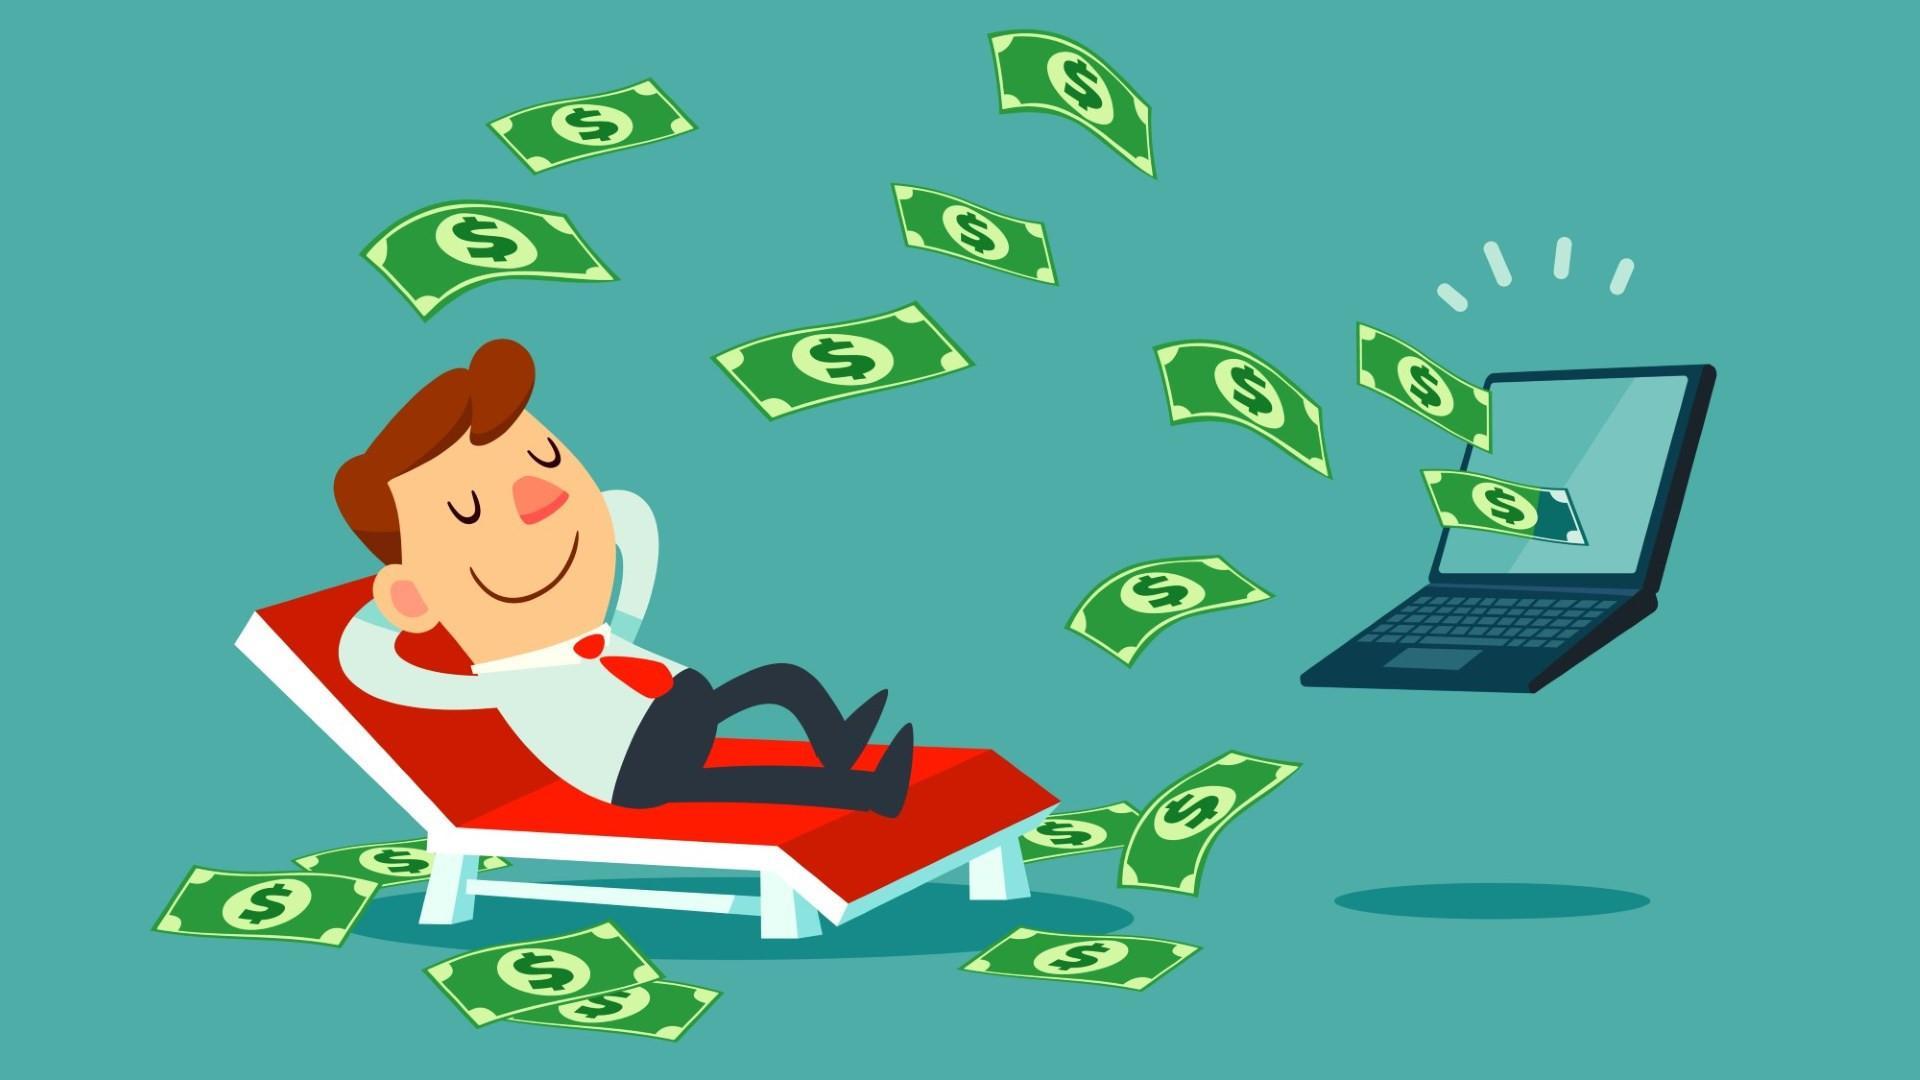 Hướng dẫn kiếm tiền với PingGo và cách tạo tài khoản PingGo